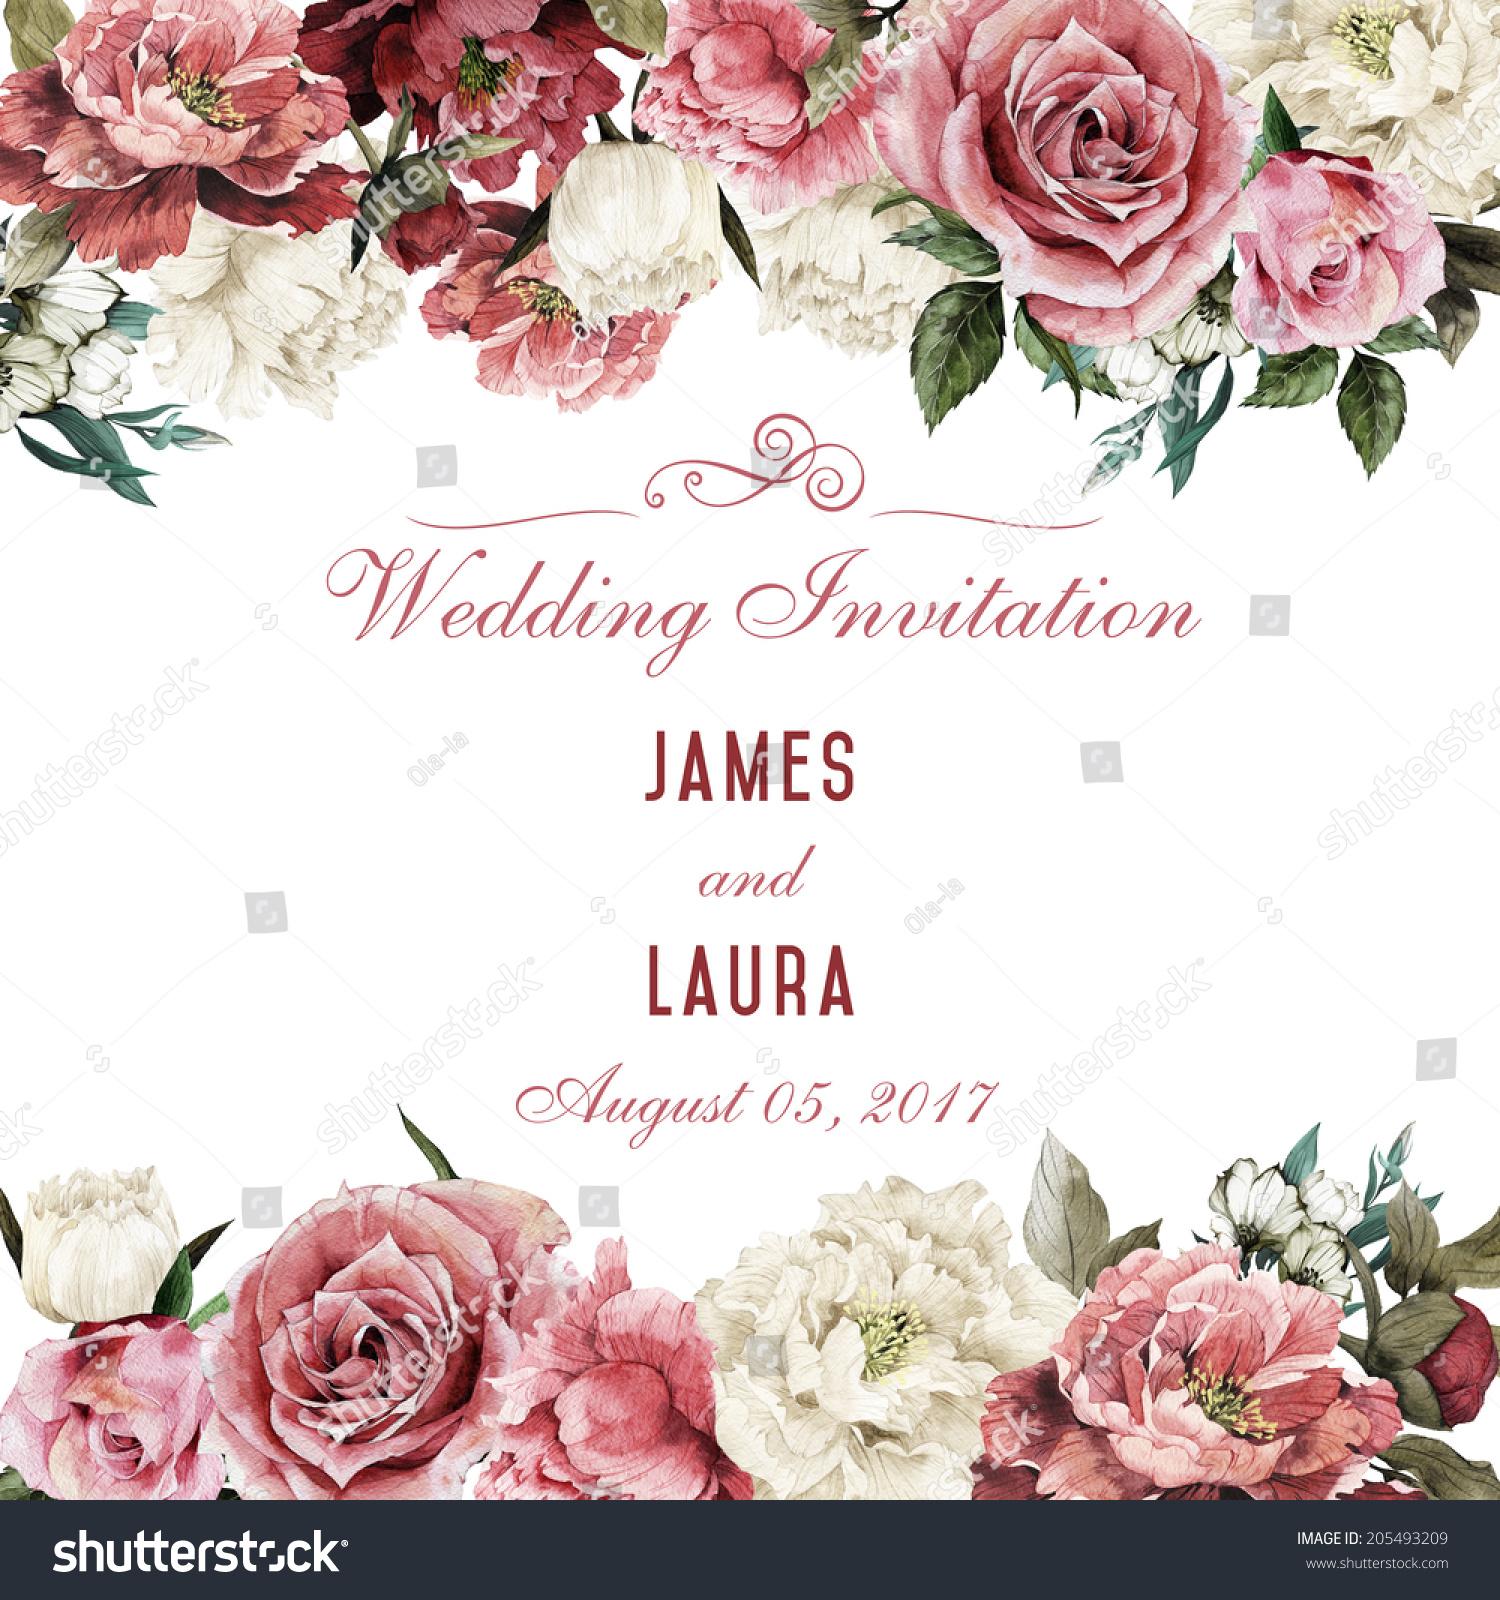 rose wedding invitation background - photo #26